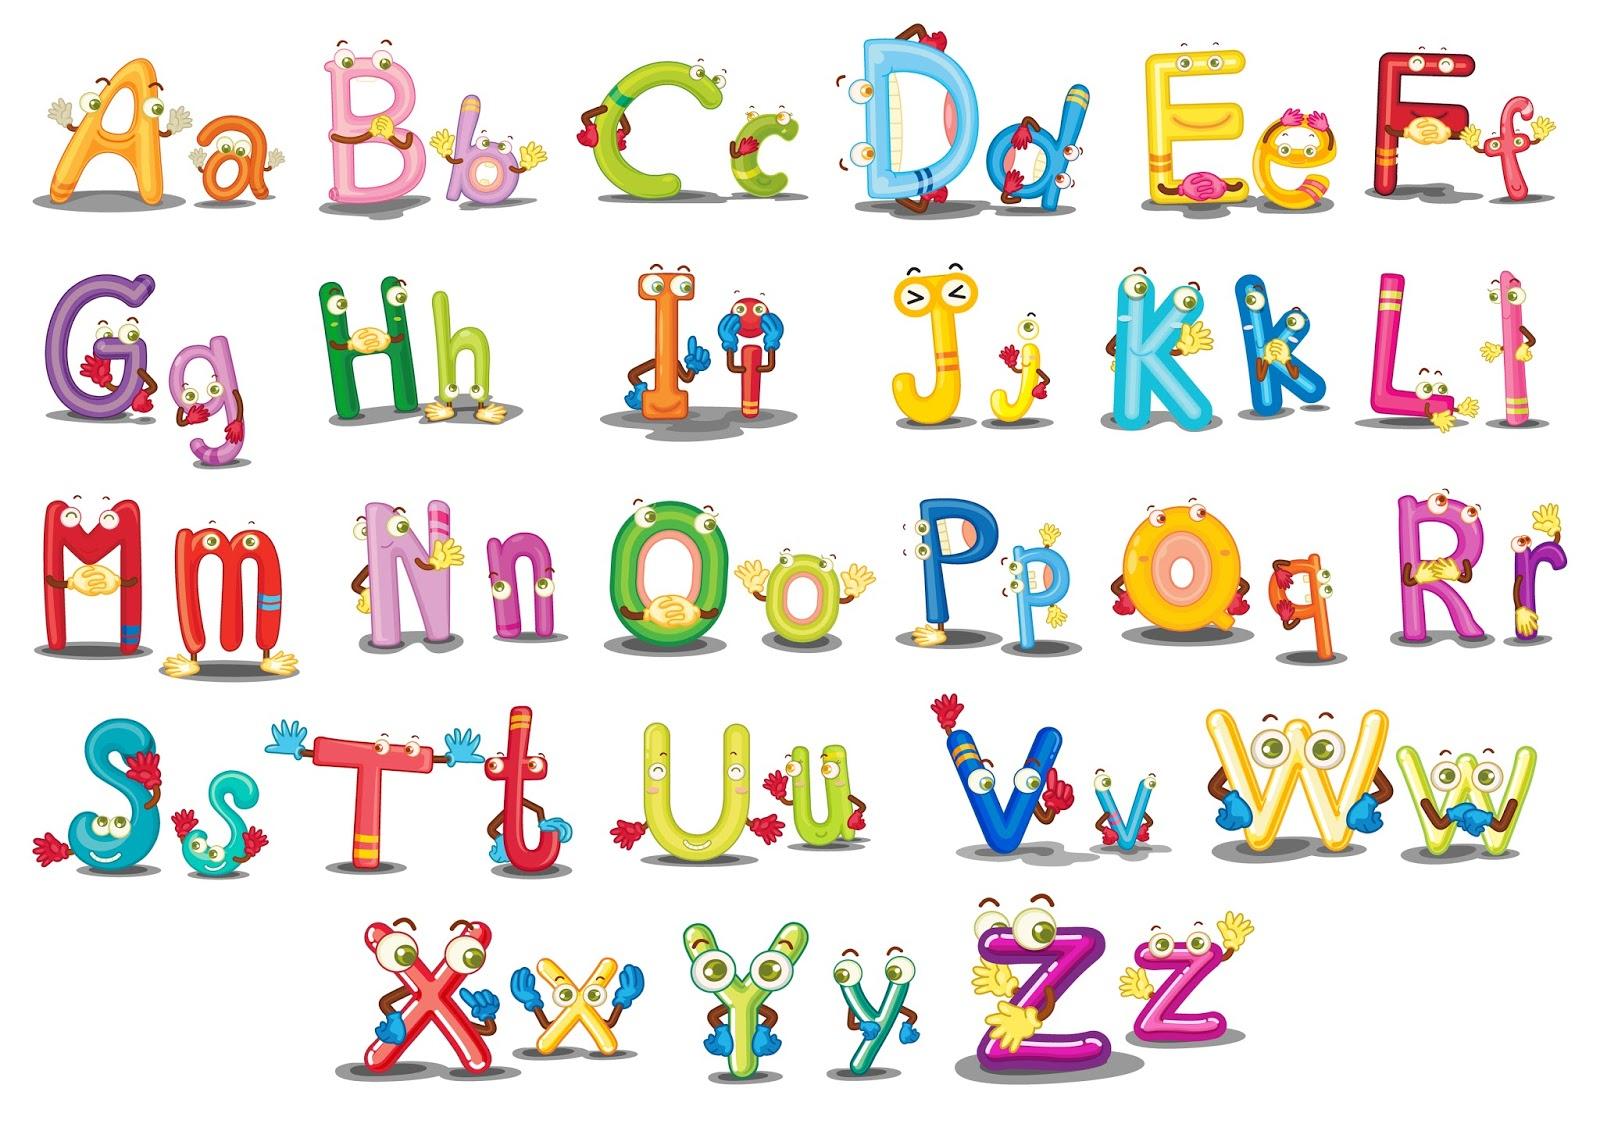 4 Letter Cartoon Characters : Banco de imÁgenes imágenes didácticas para niñas y